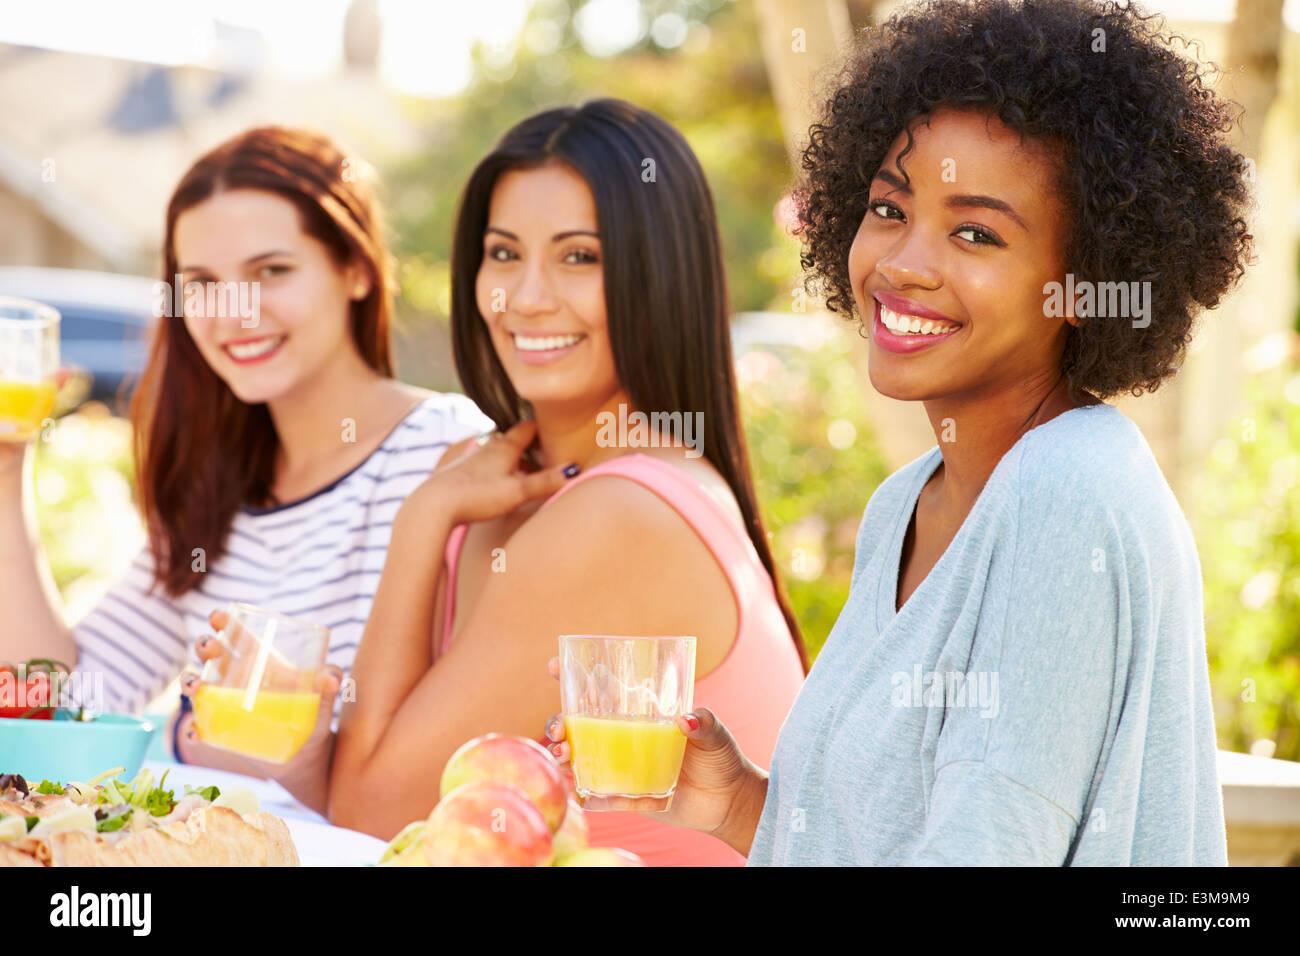 Tres Amigas disfrutando de comida en la fiesta al aire libre Imagen De Stock